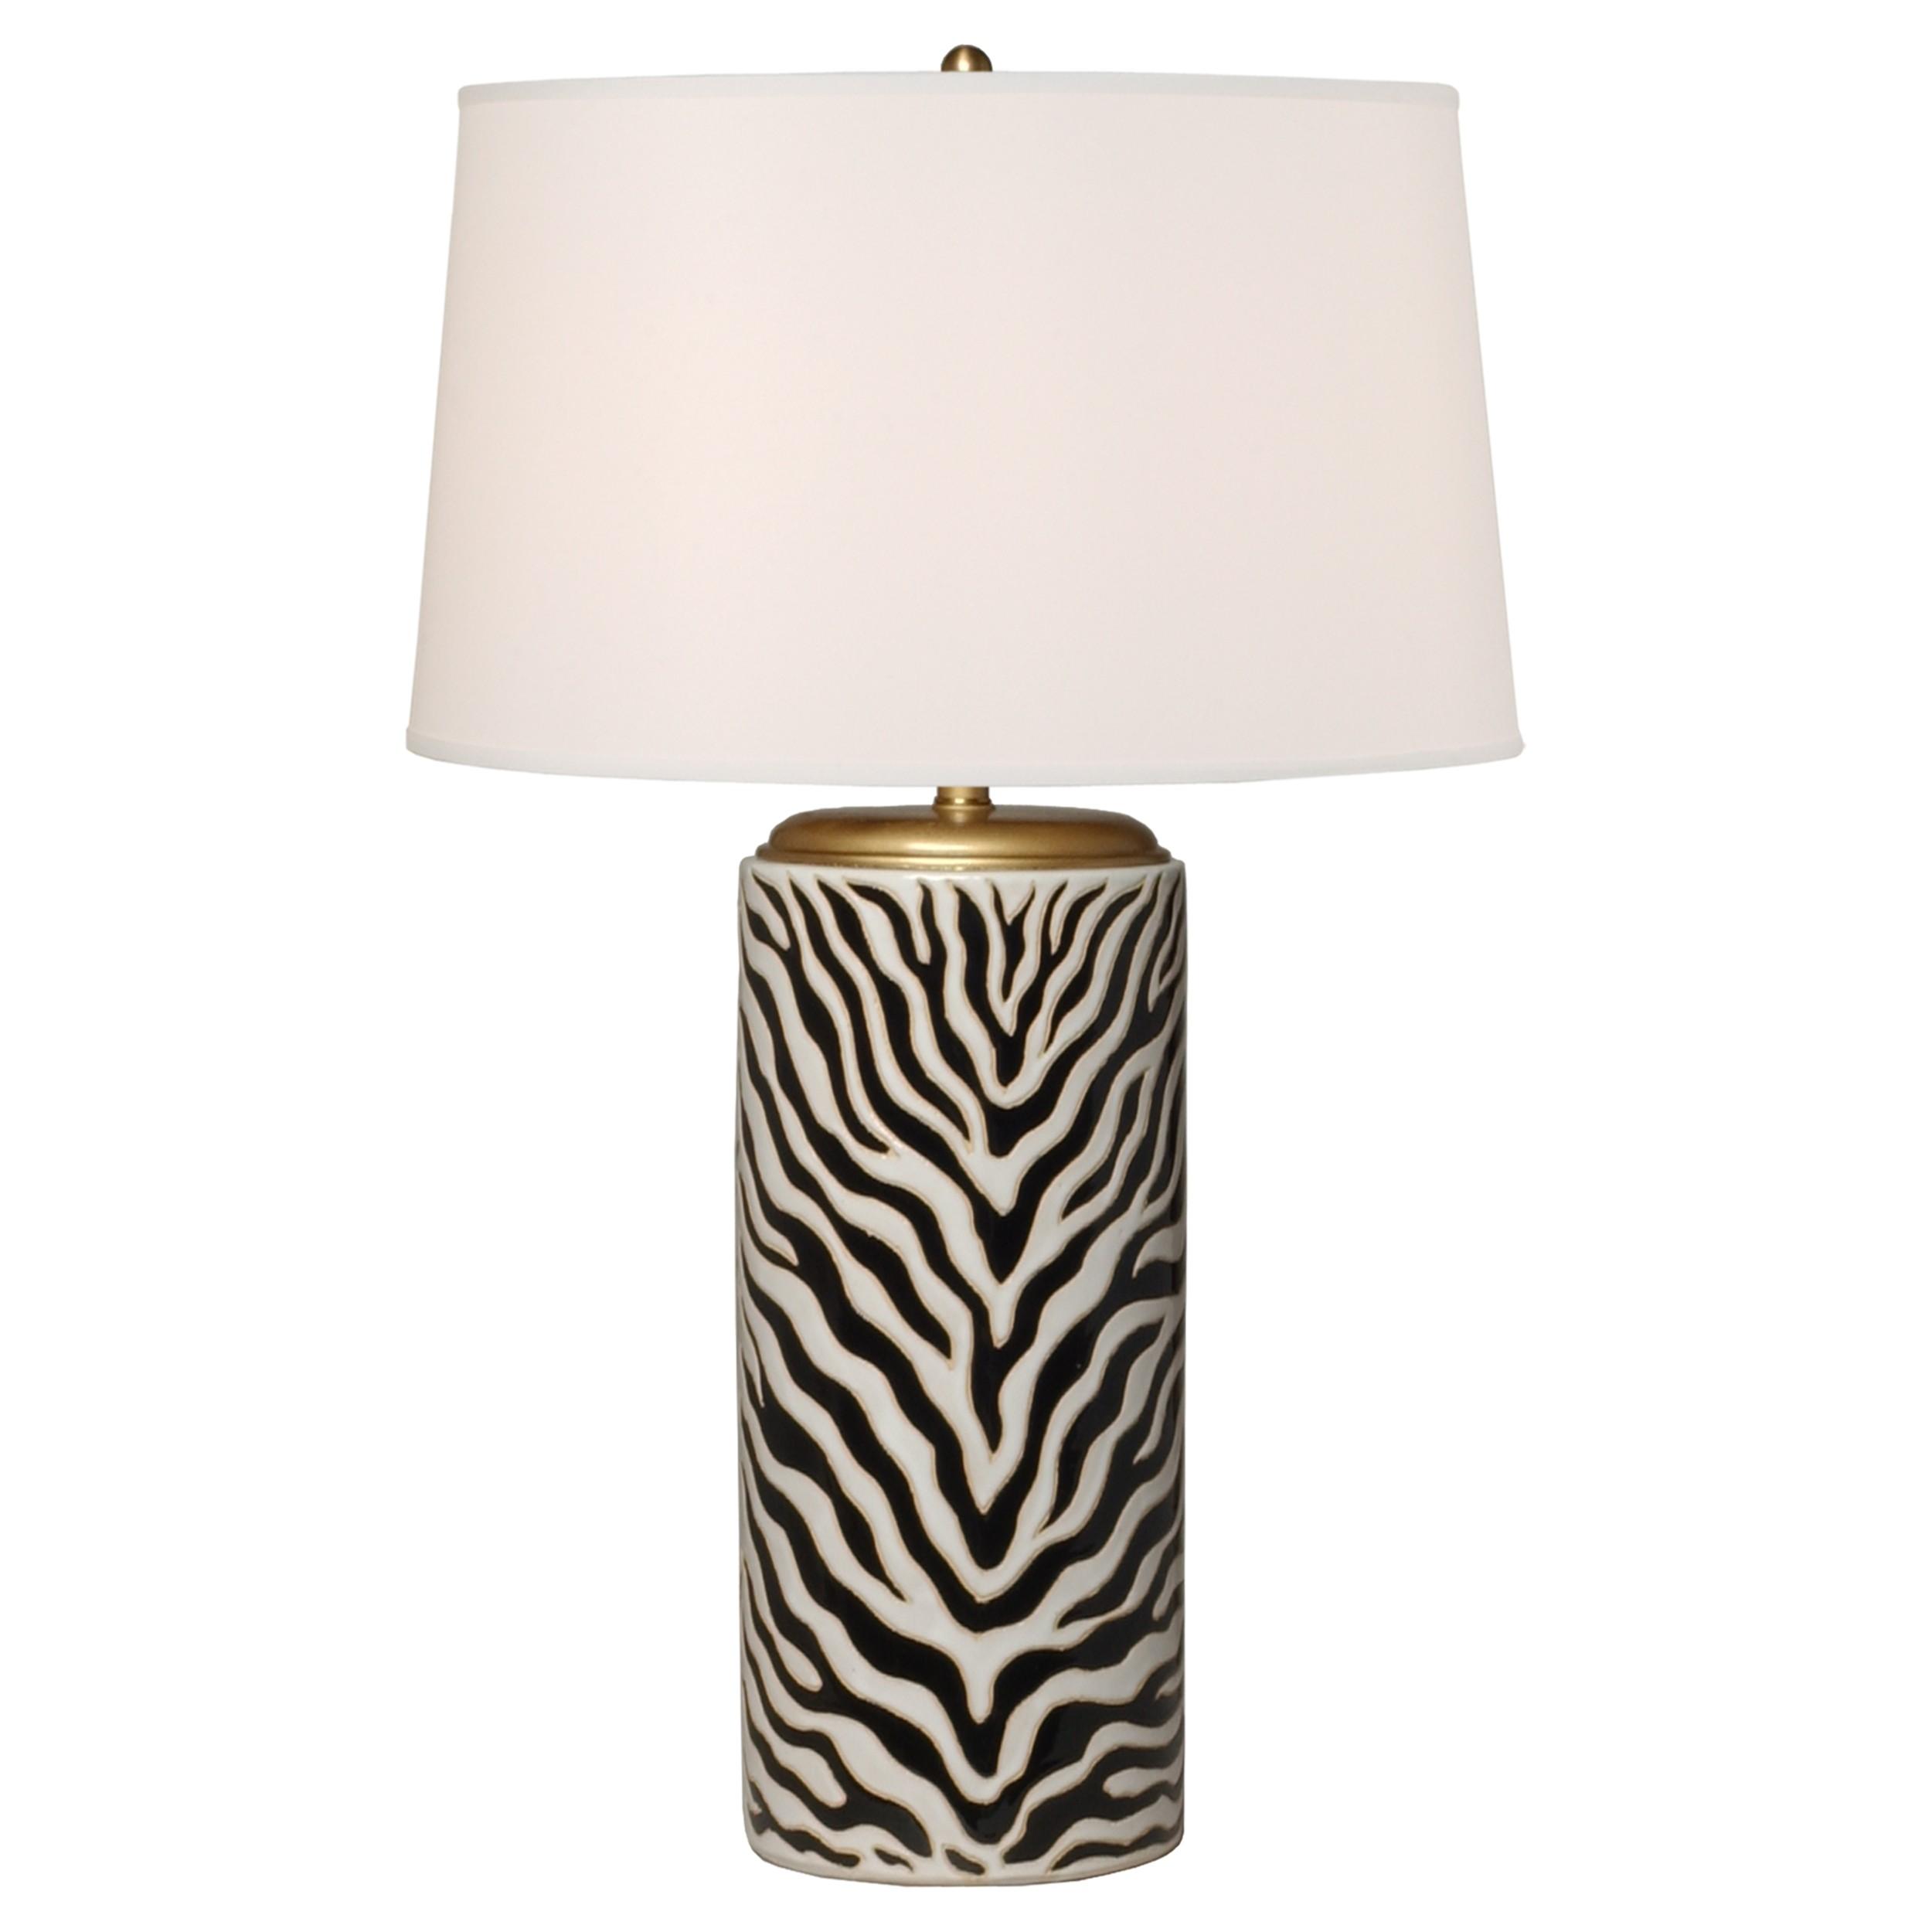 zebra lamps photo - 3